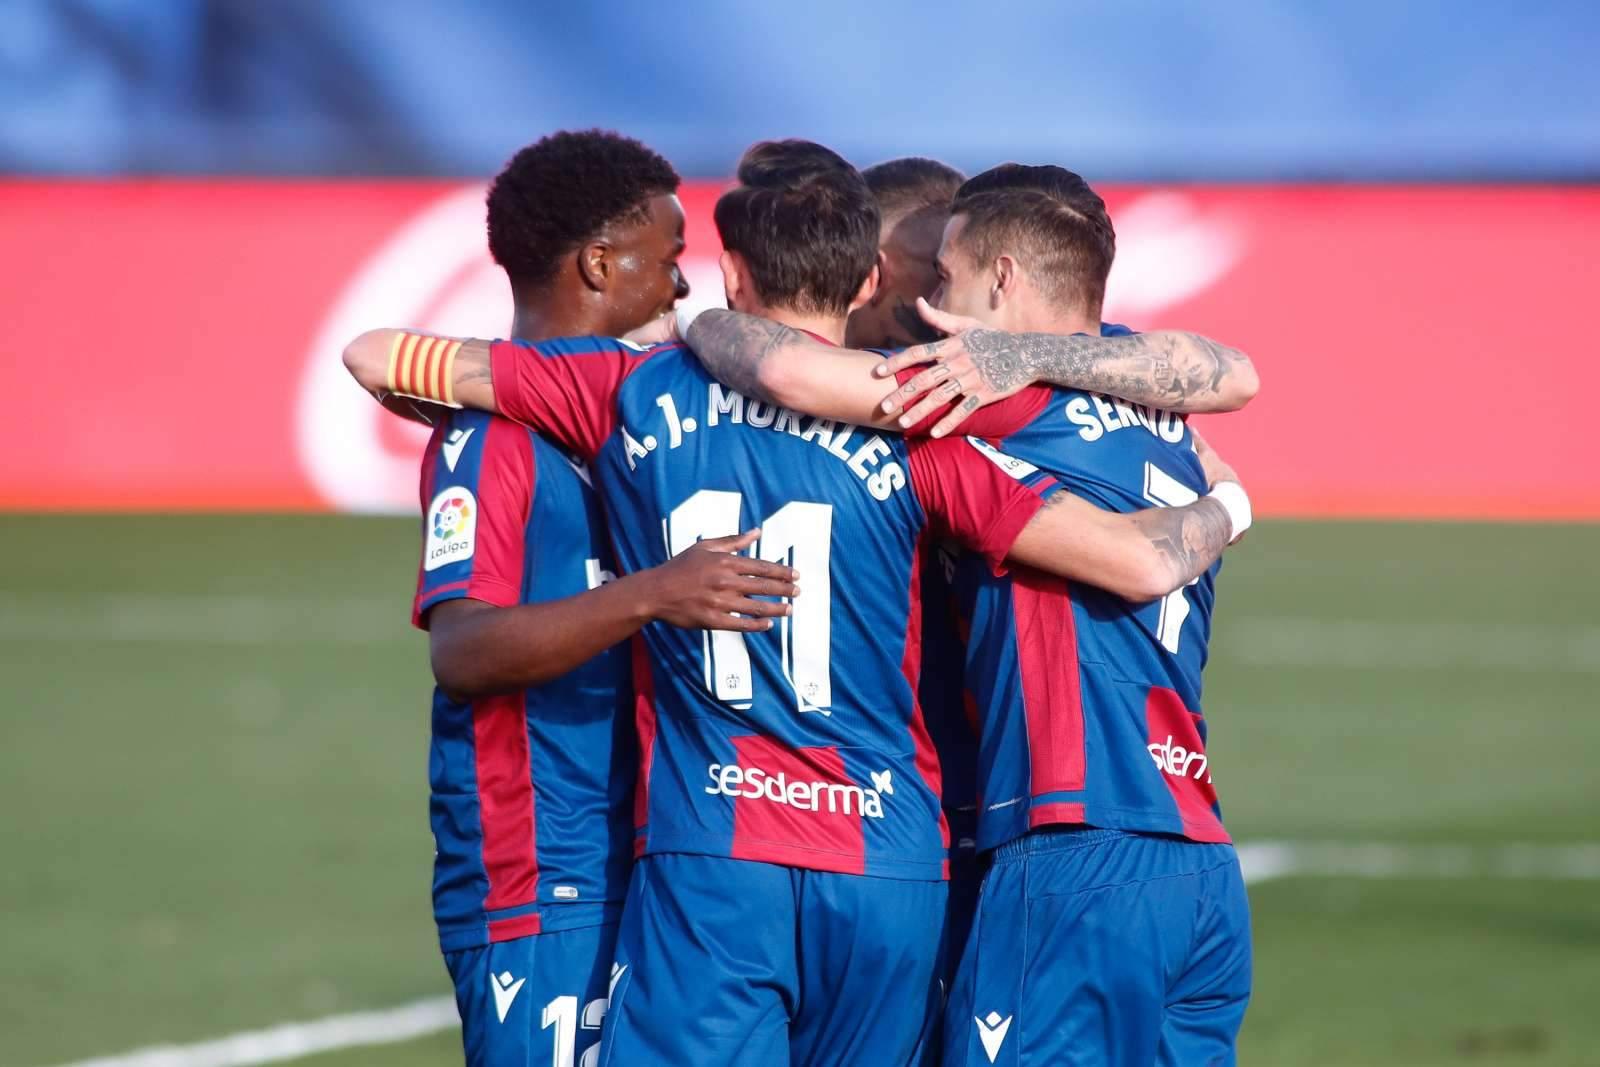 «Леванте» - «Сельта»: прогноз на матч чемпионата Испании - 21 сентября 2021